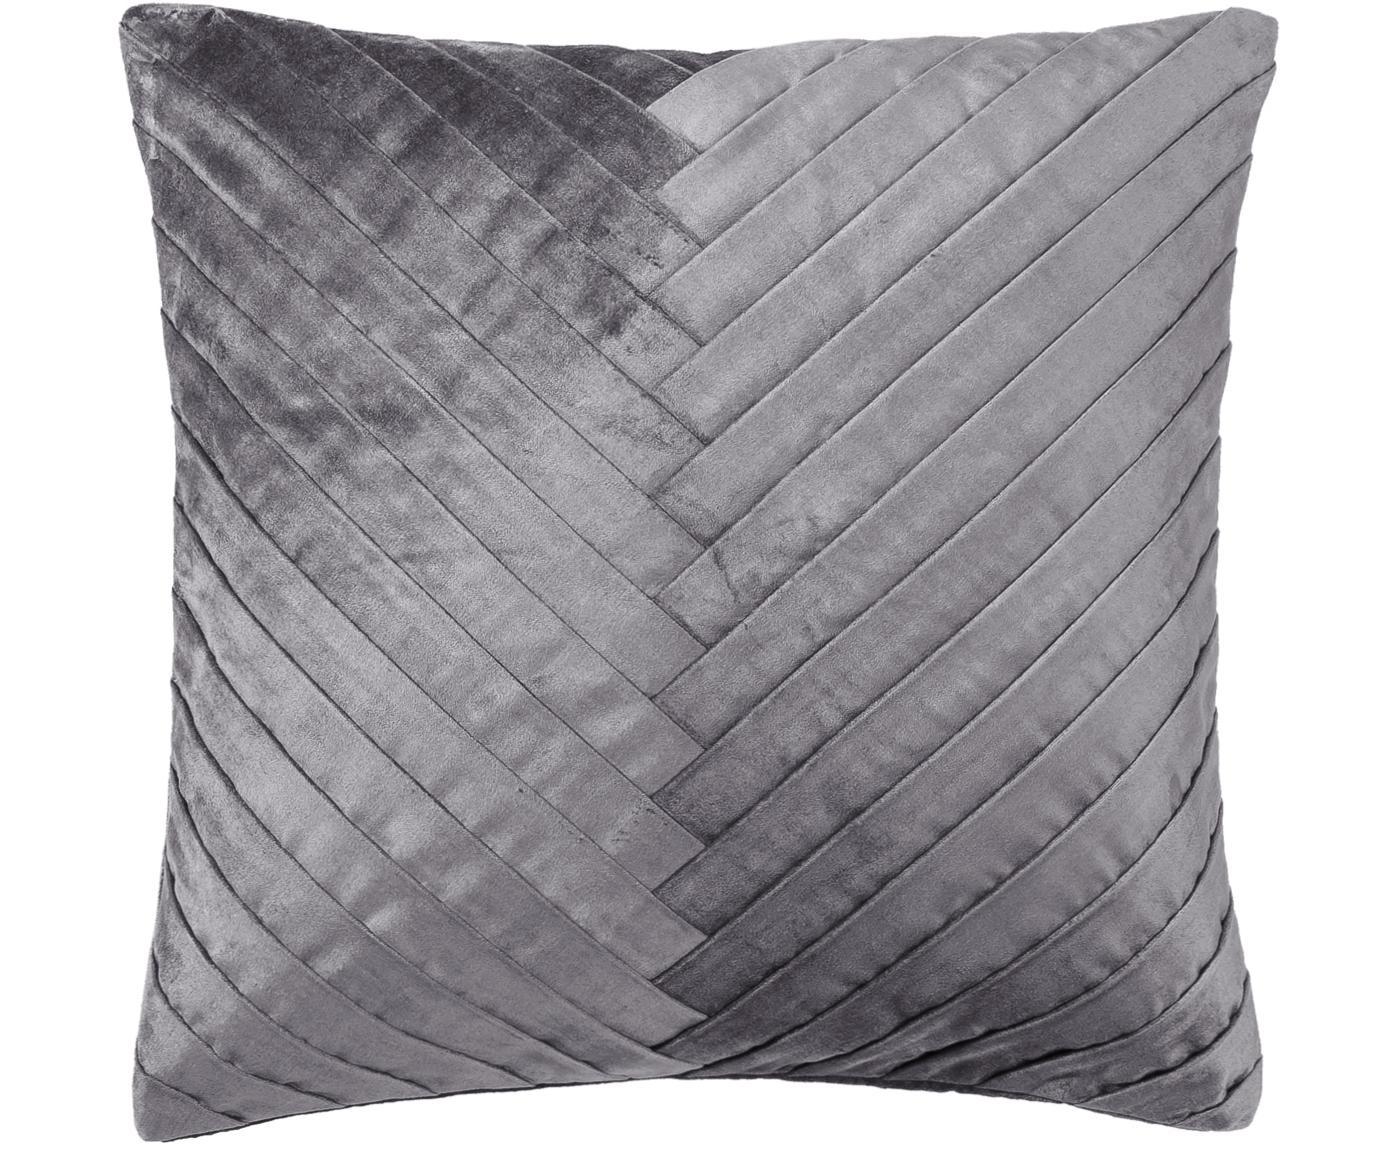 Poszewka na poduszkę z aksamitu Betty, 50% bawełna, 50% wiskoza, Srebrnoszary, S 50 x D 50 cm